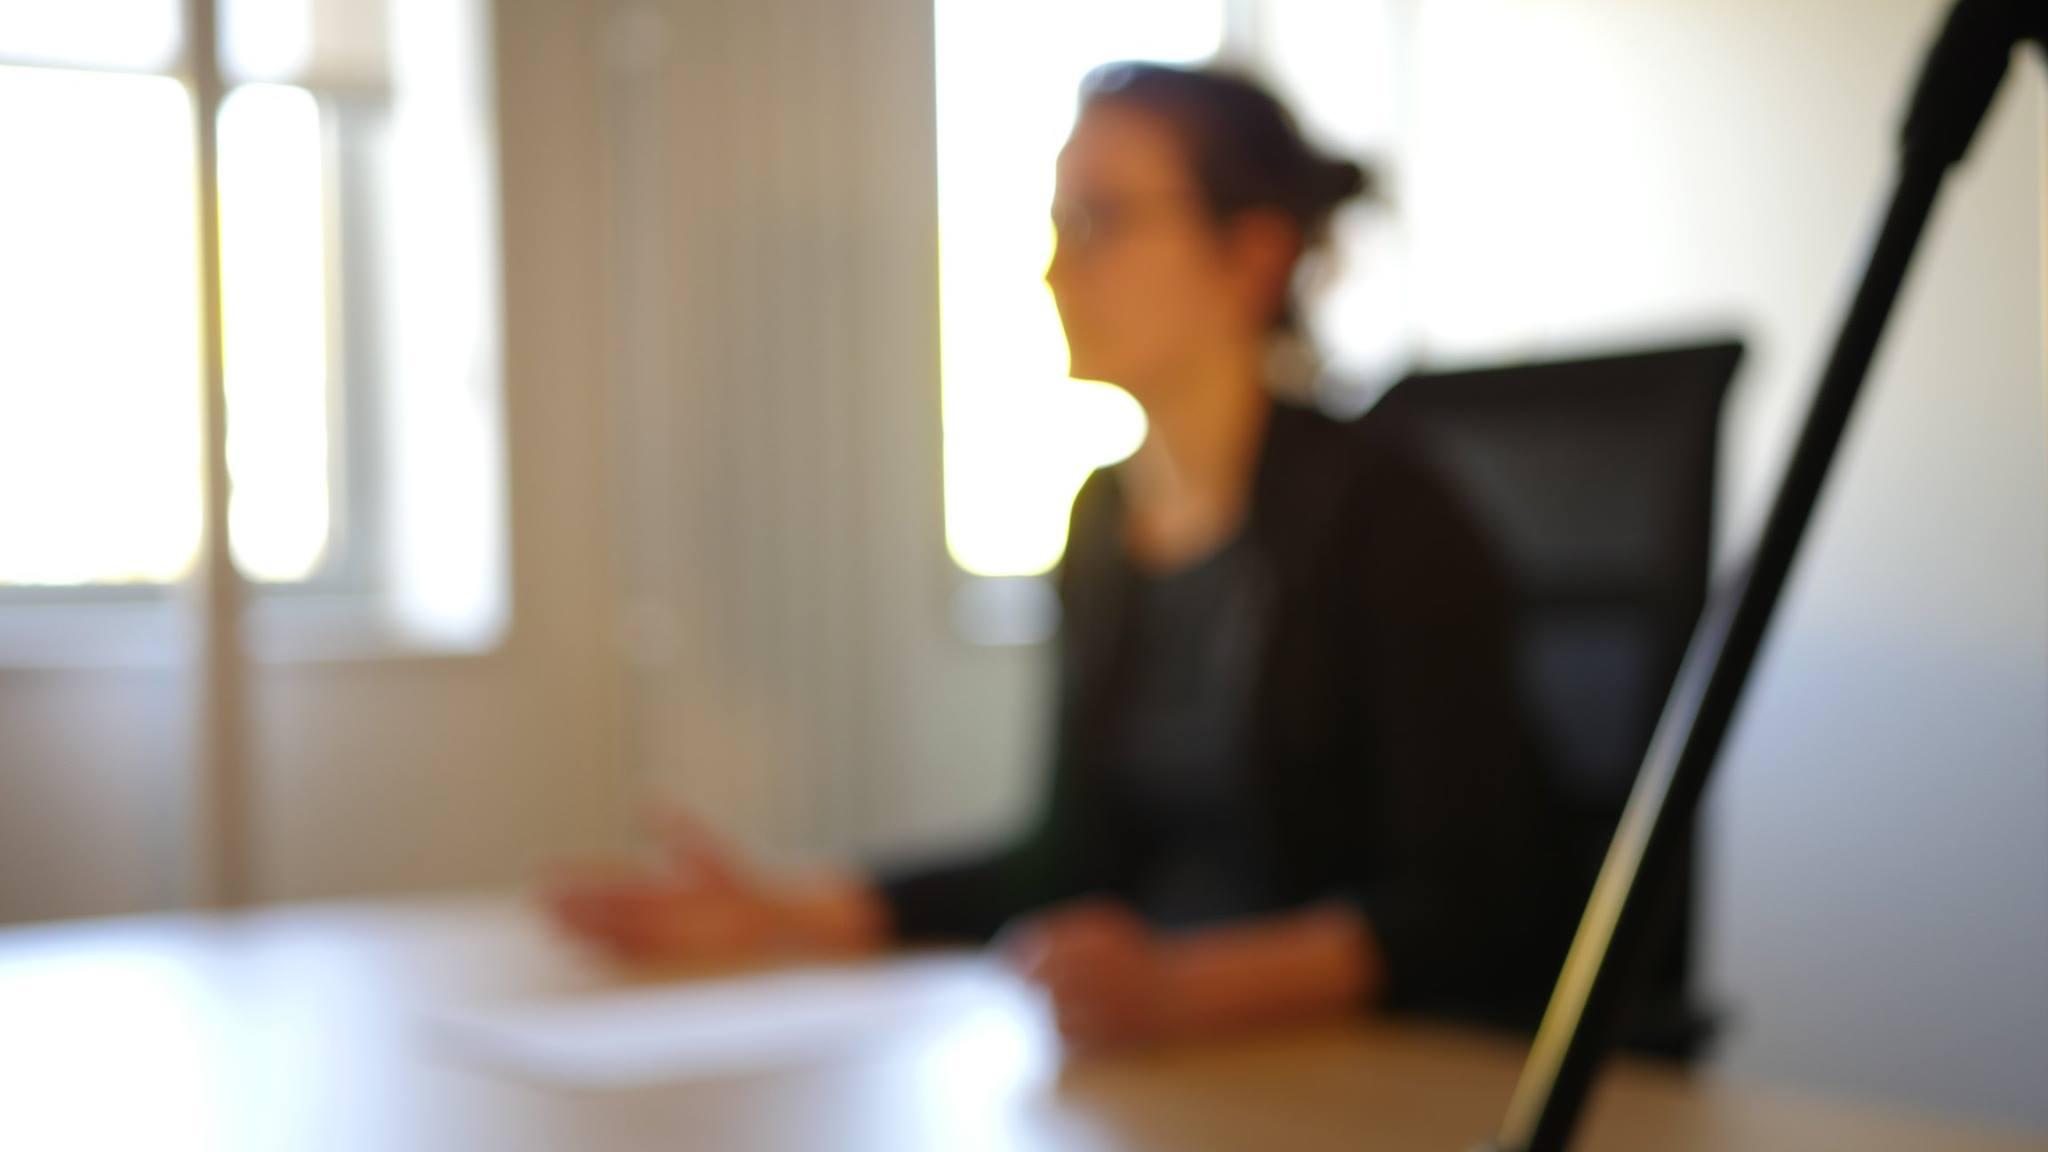 Actrice studio en train de jouer dans court-métrage à Toulouse.